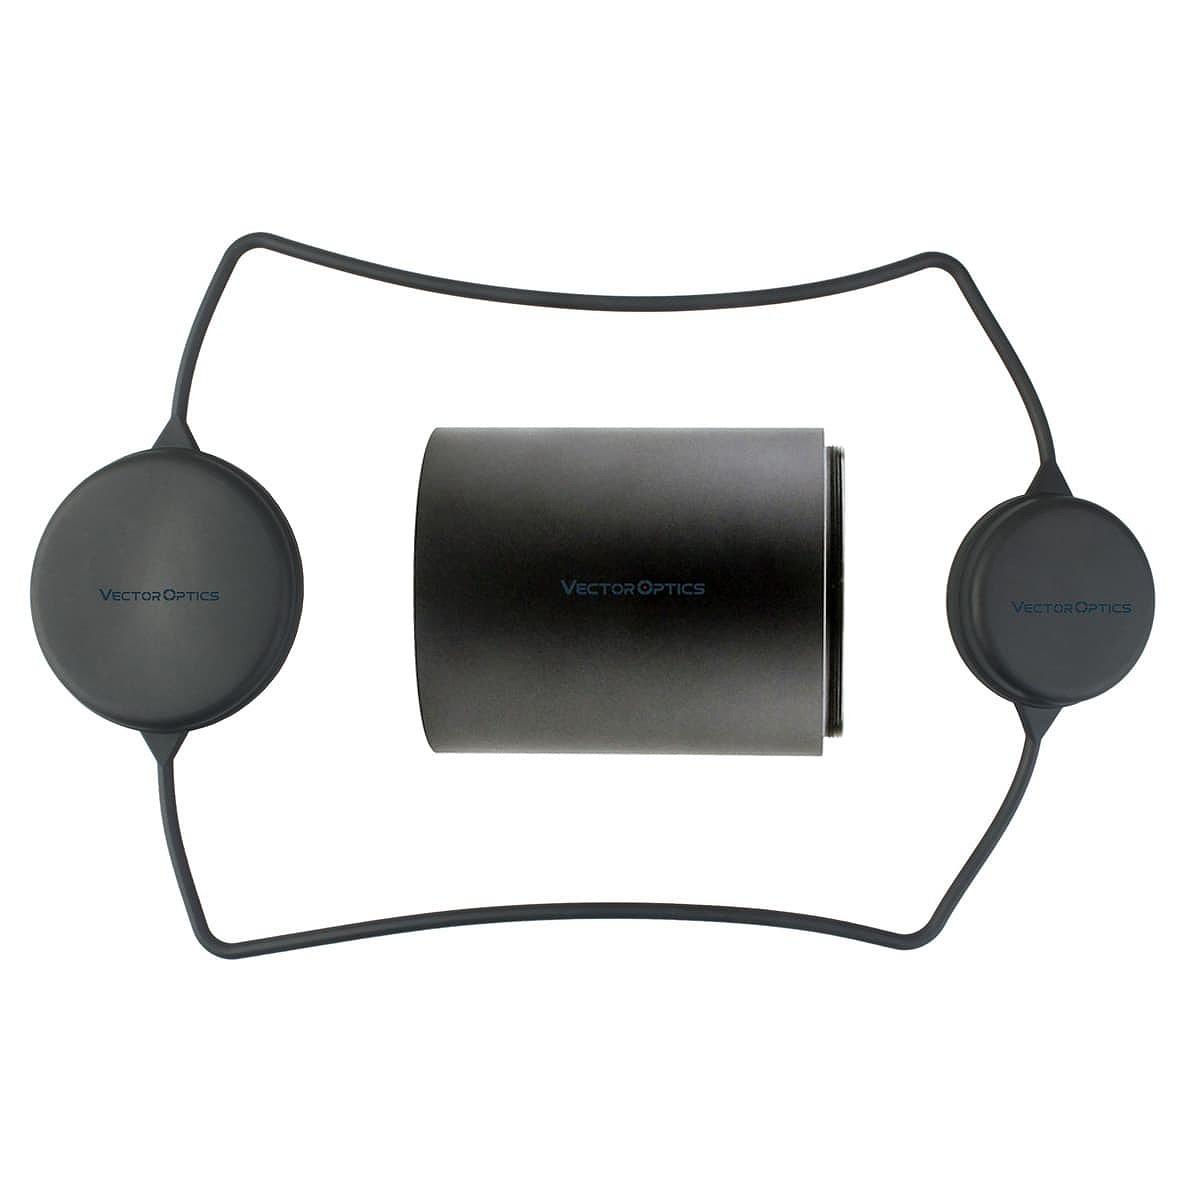 【お届け予定日: 4月30日】ベクターオプティクス ライフルスコープ Paragon 6-30x56 GenII  Vector Optics SCOL-27